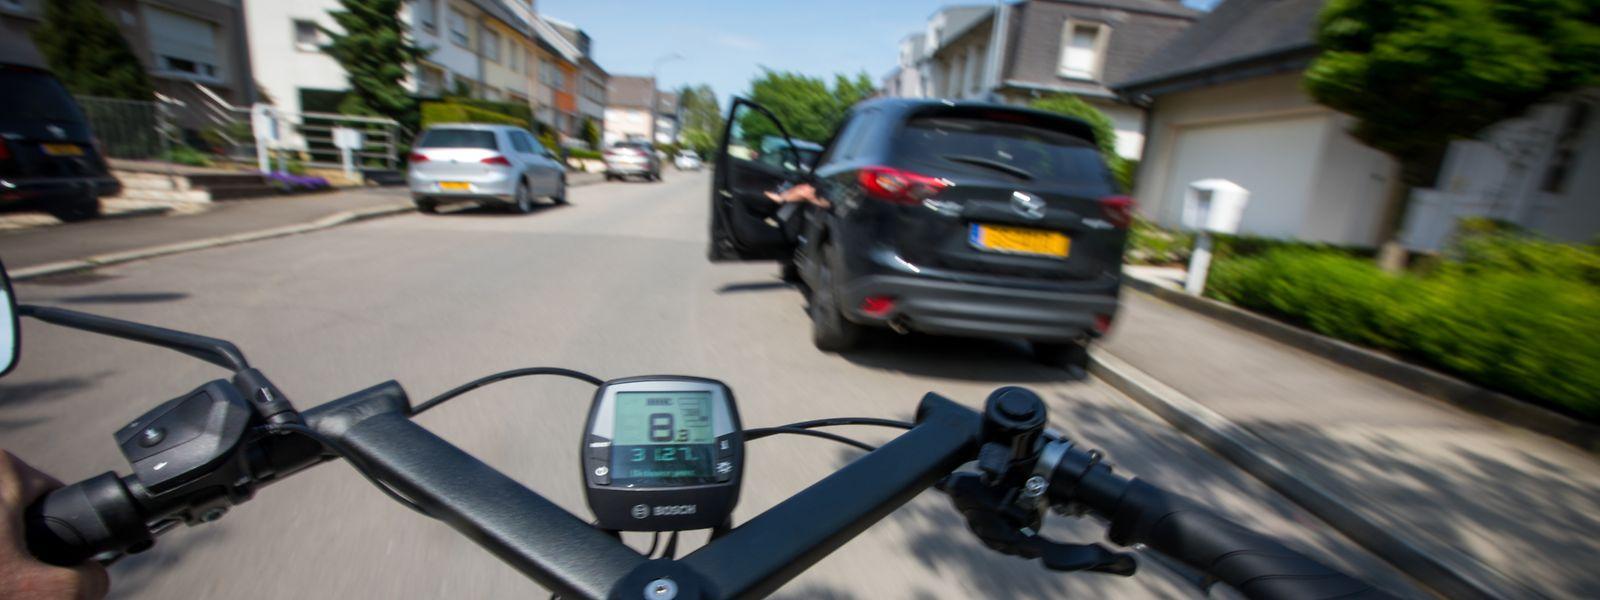 """Als """"Dooring""""-Unfälle werden Verkehrsunfälle bezeichnet, bei dem Autofahrer unachtsam die Tür öffnen und so Radfahrer in Gefahr bringen. Die Häufigkeit derartiger Zwischenfälle geht aus den Luxemburger Verkehrsstatistiken nicht hervor."""